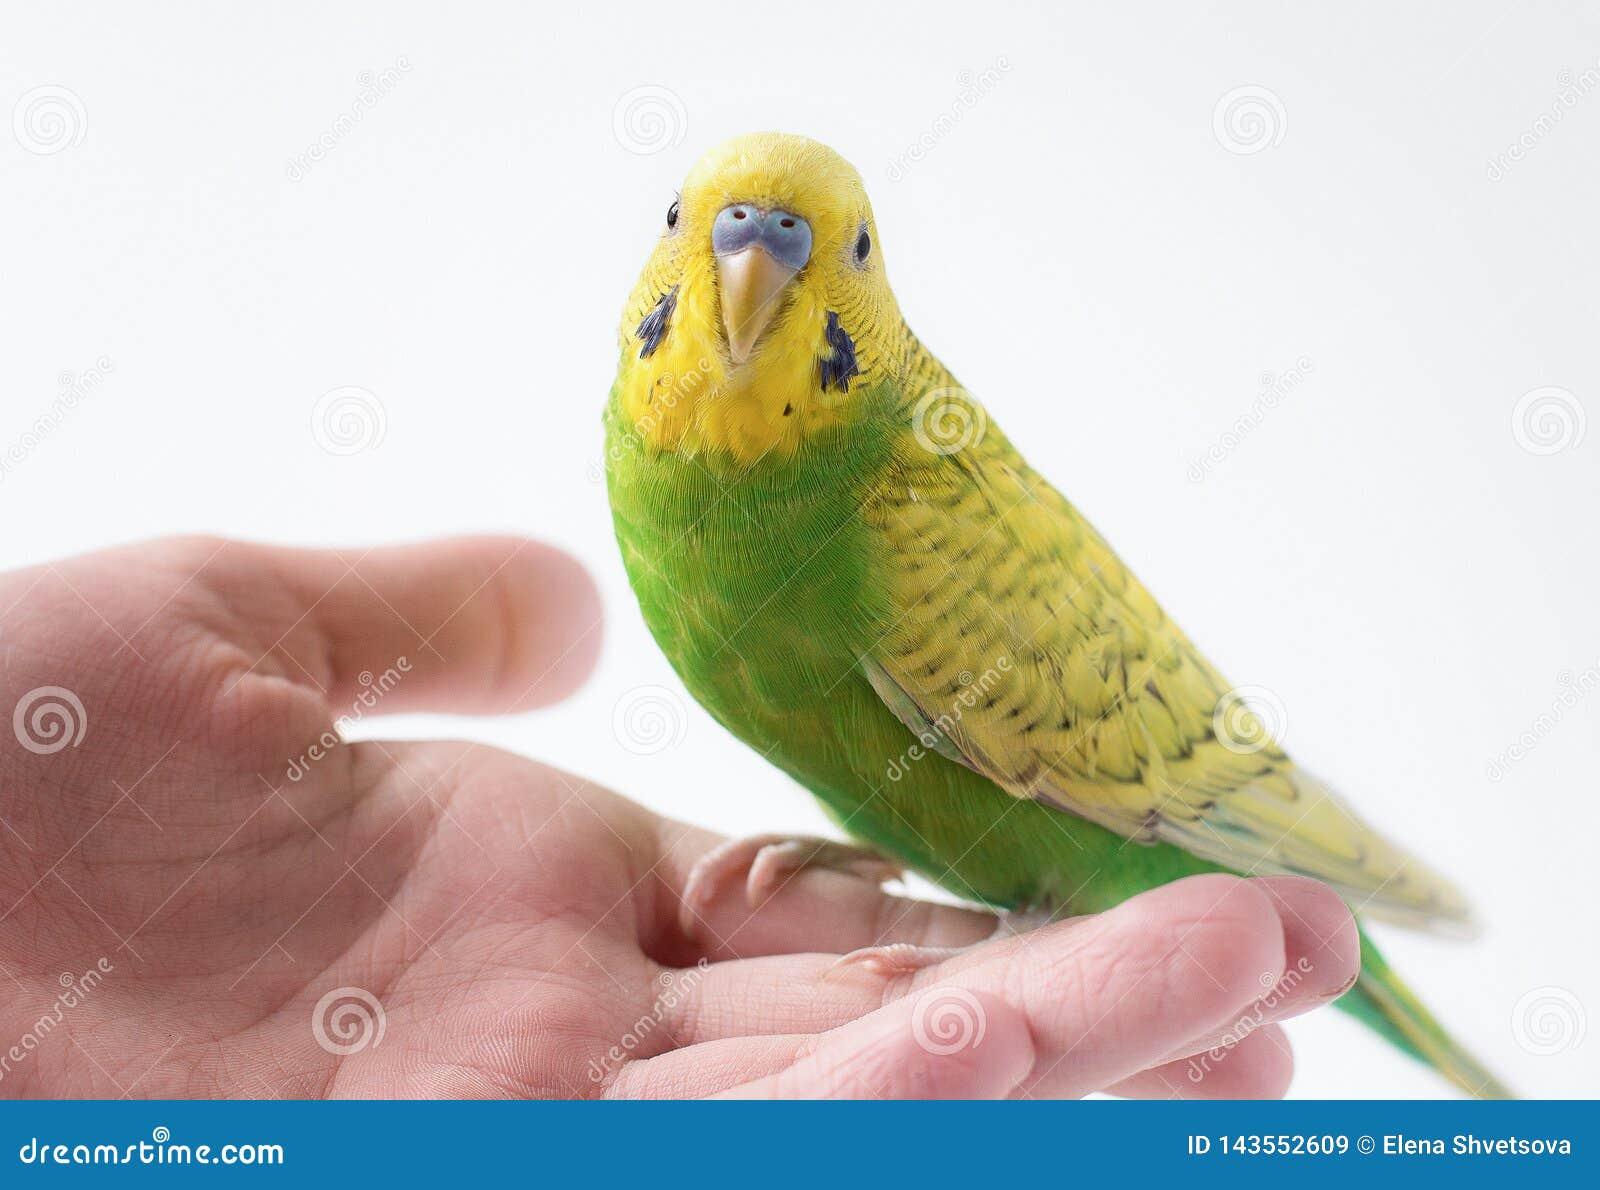 Немногое зеленый длиннохвостый попугай сидя на руке Милый маленький попугай